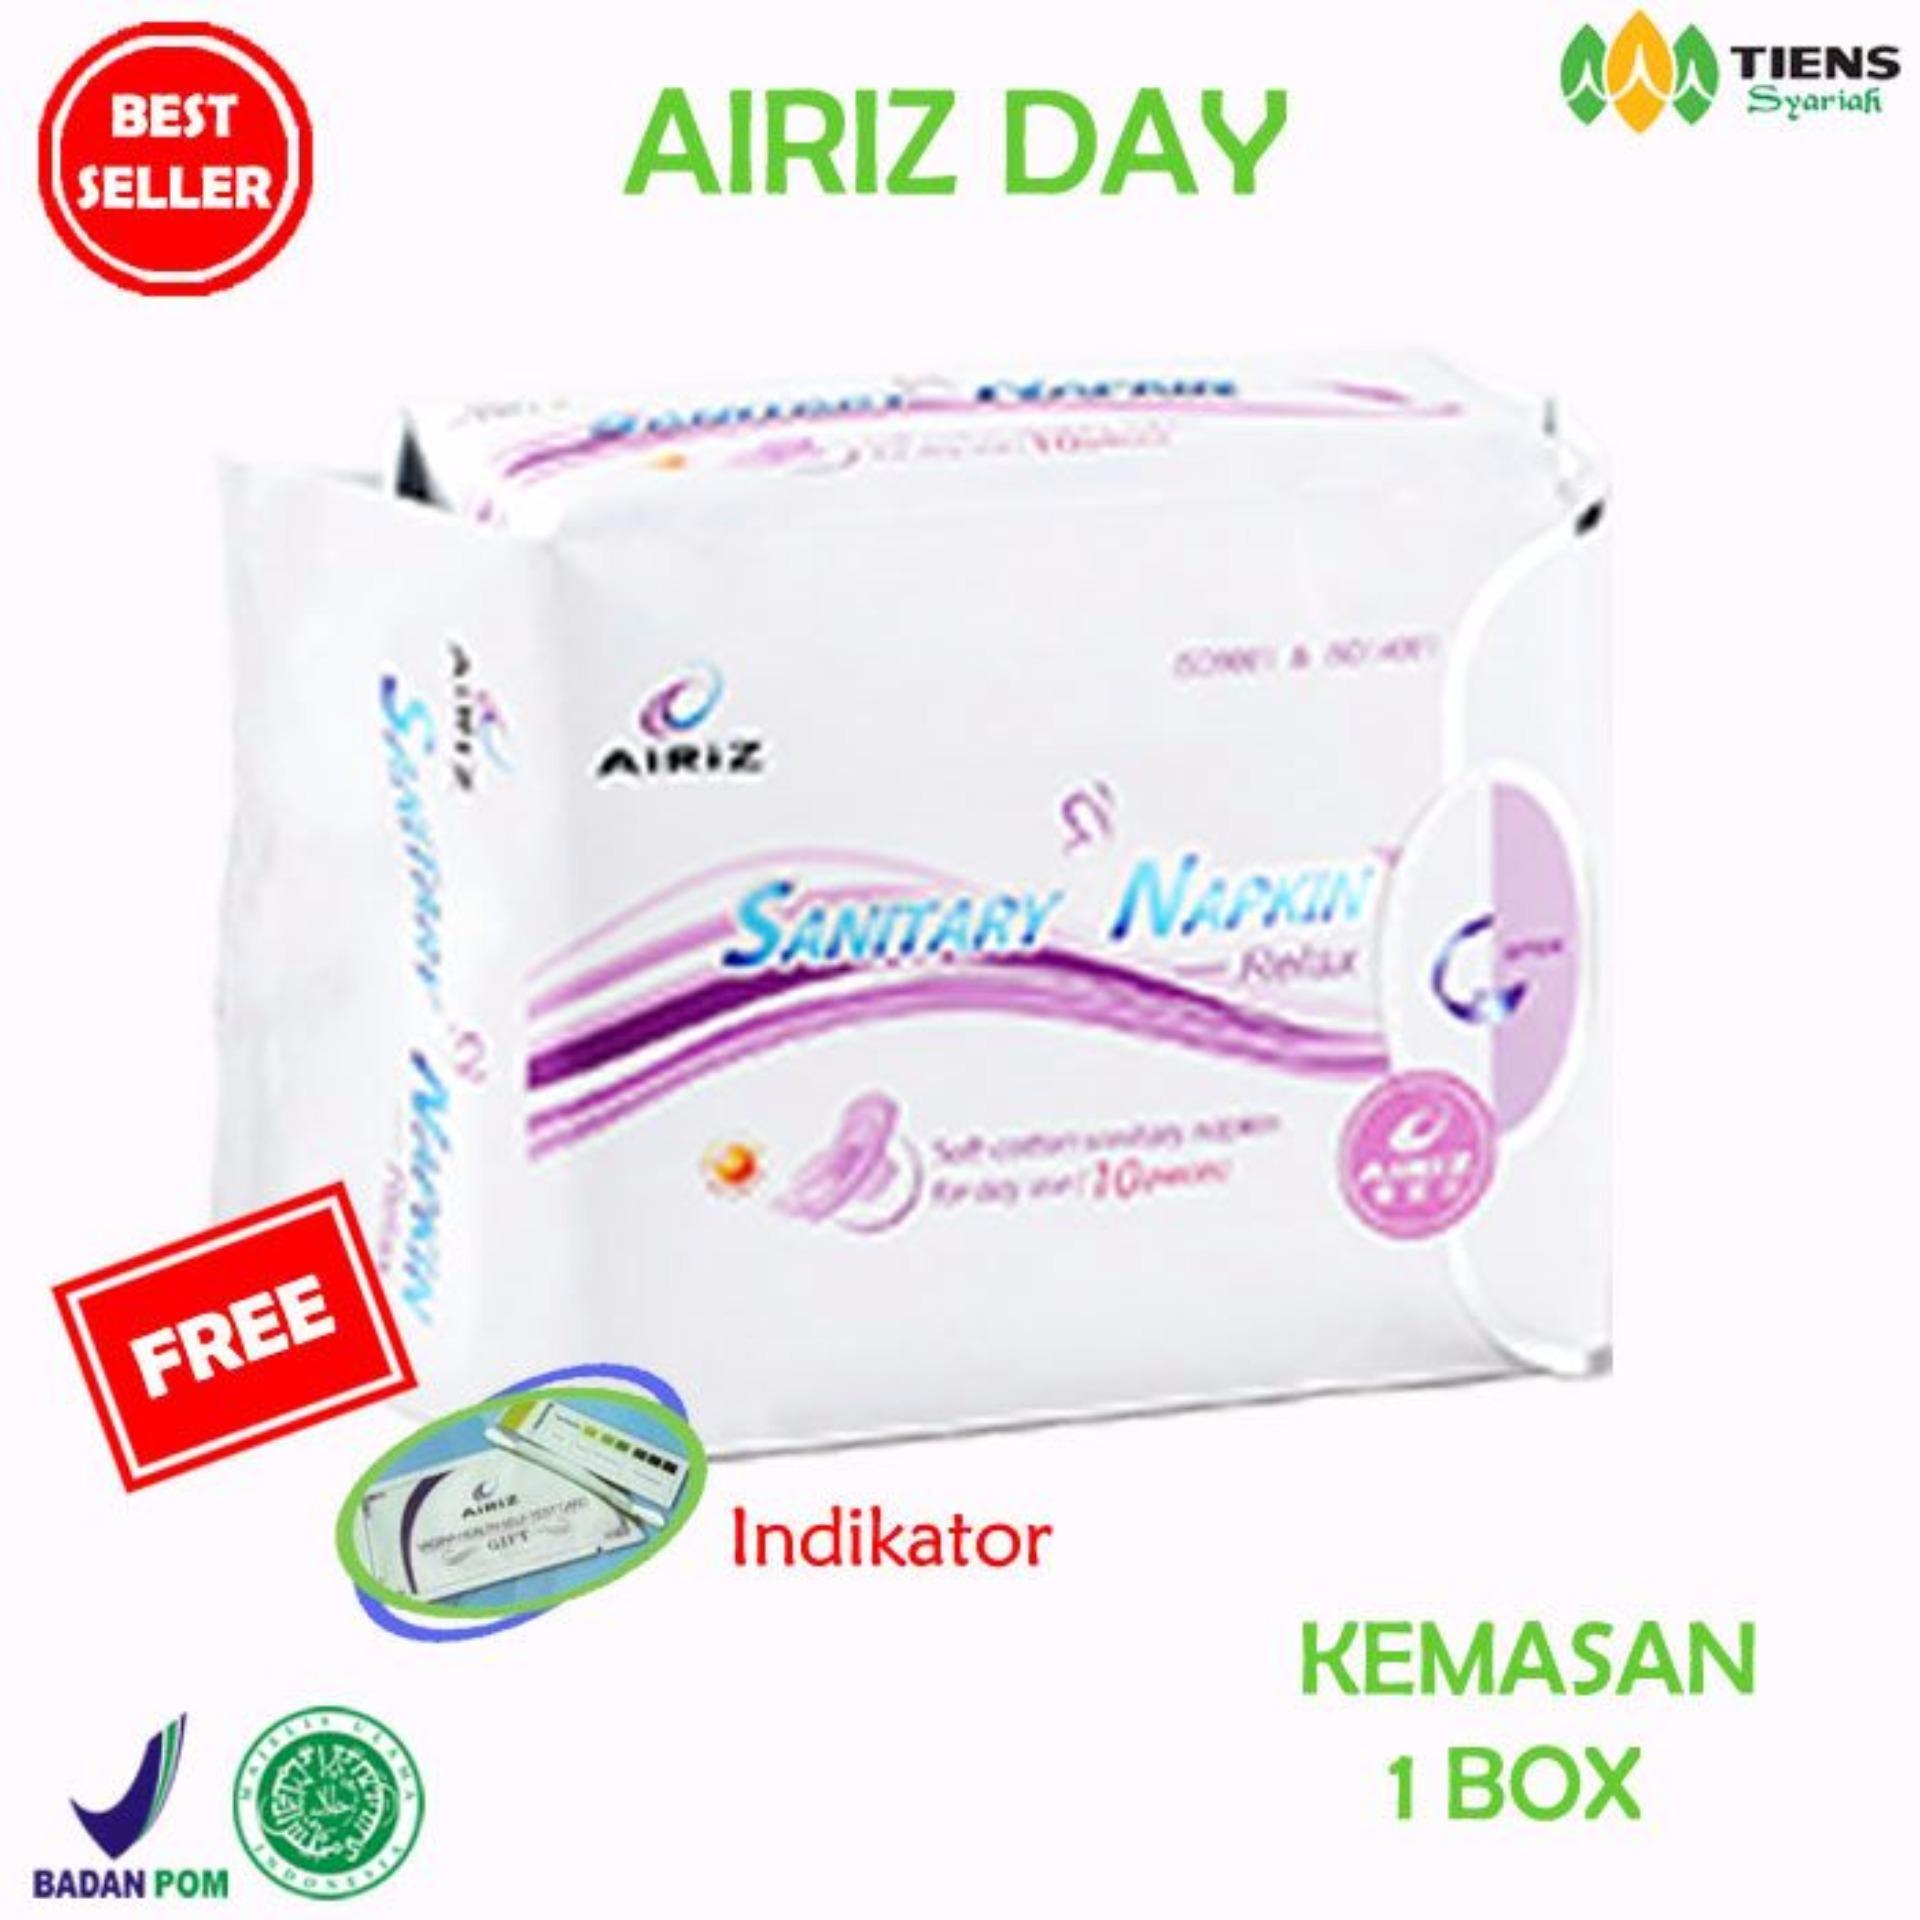 Pencari Harga Tiens Pembalut Kesehatan Herbal Airiz Day Anti Kanker Serviks Bebas Klorin (Kemasan 1 box) terbaik murah - Hanya Rp38.988